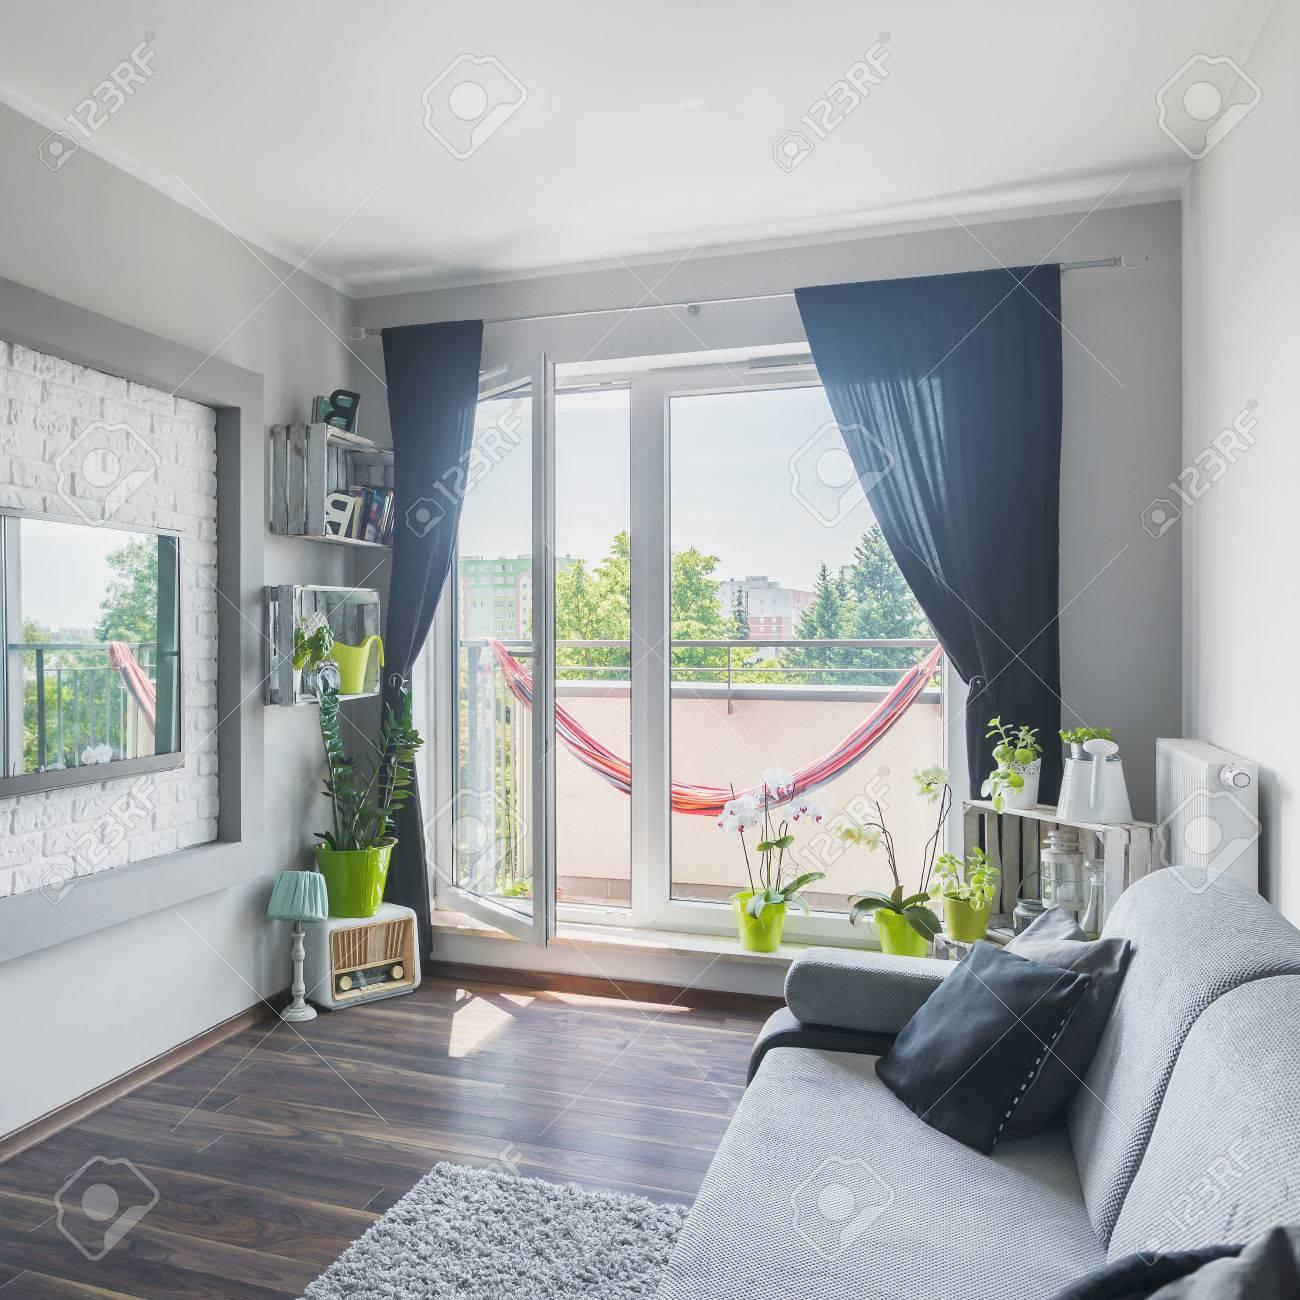 Schöne Wohnzimmer Interieur Mit Sofa, Großer Fernseher, Dekorative Wände,  Holzboden Und Balkon Standard